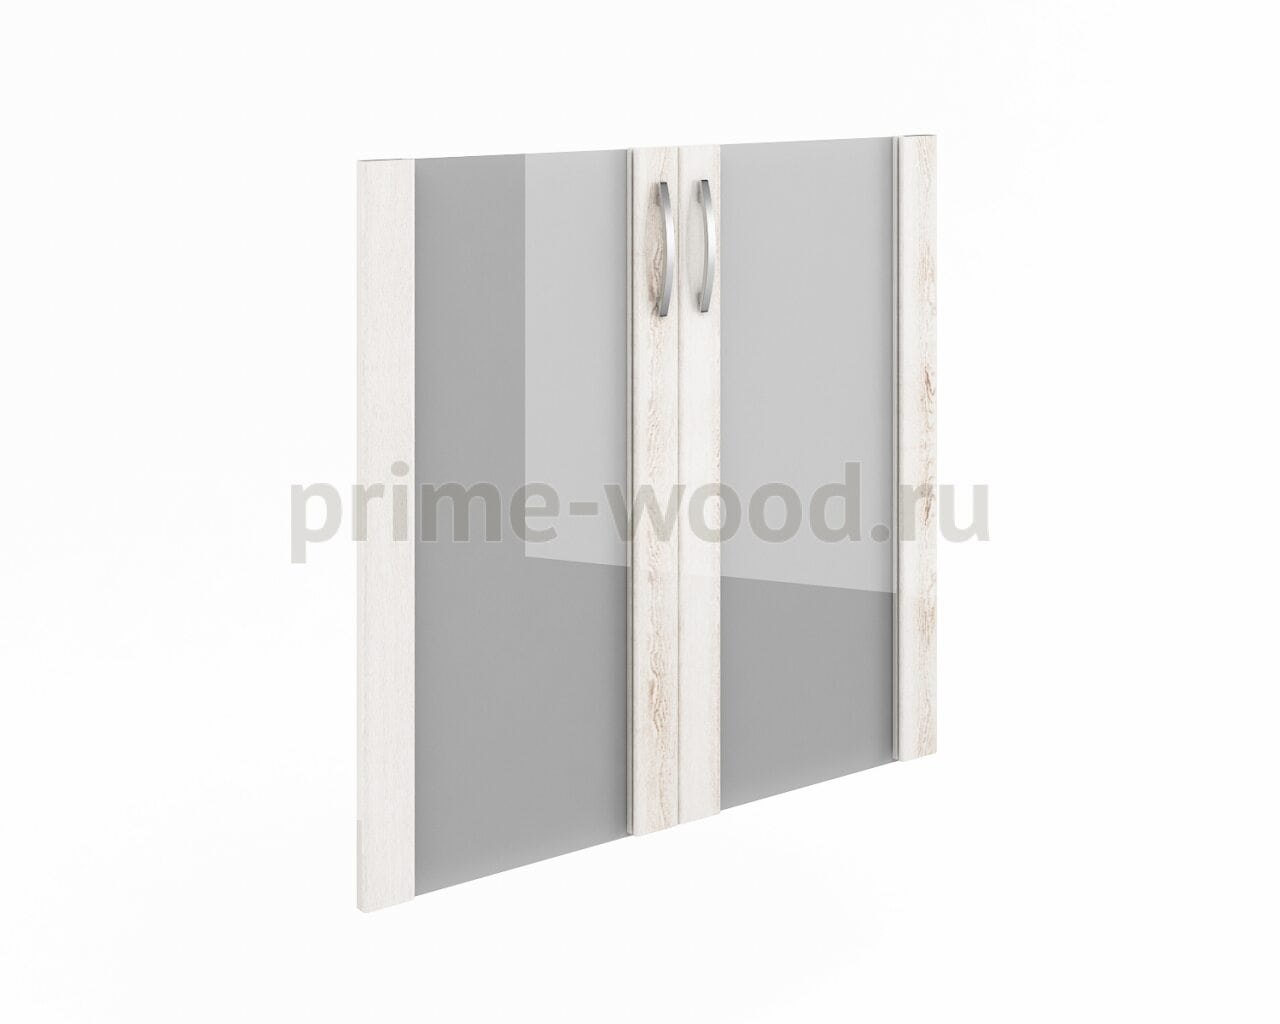 Дверь низкая стекло в рамке МДФ  Консул-ЛАК  - фото 1